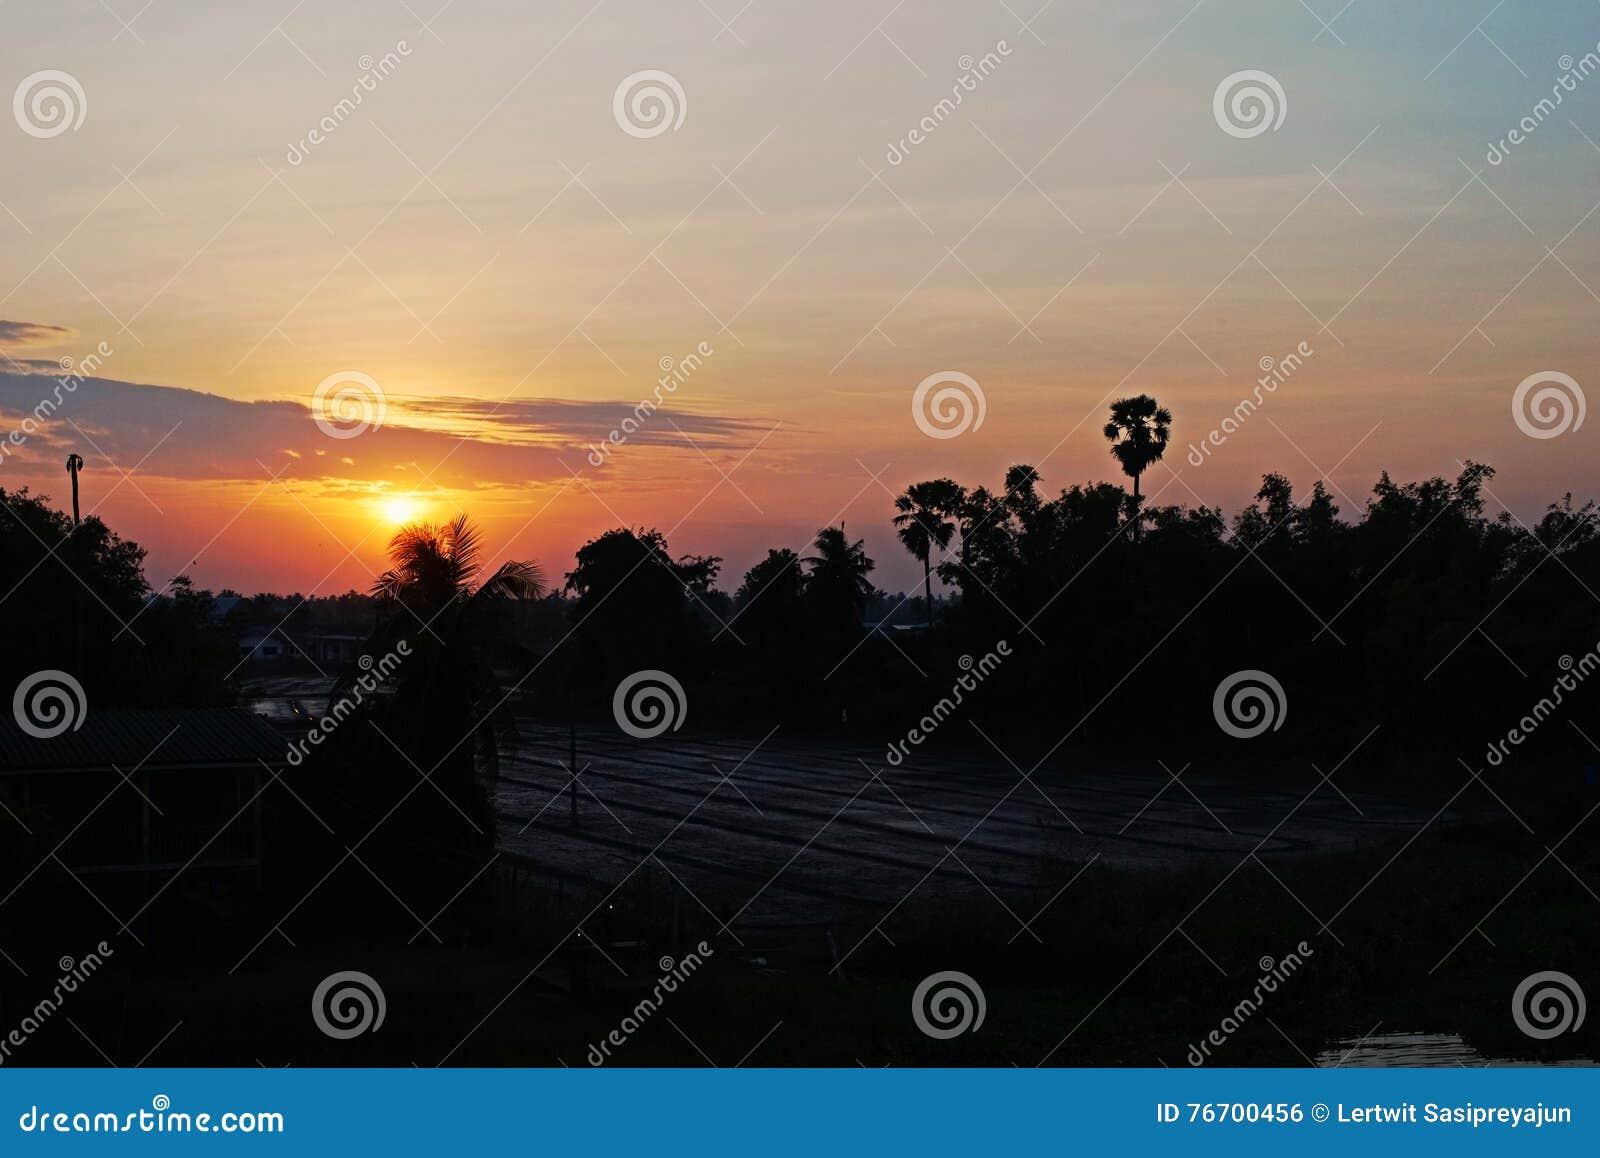 Solnedgång på bygd